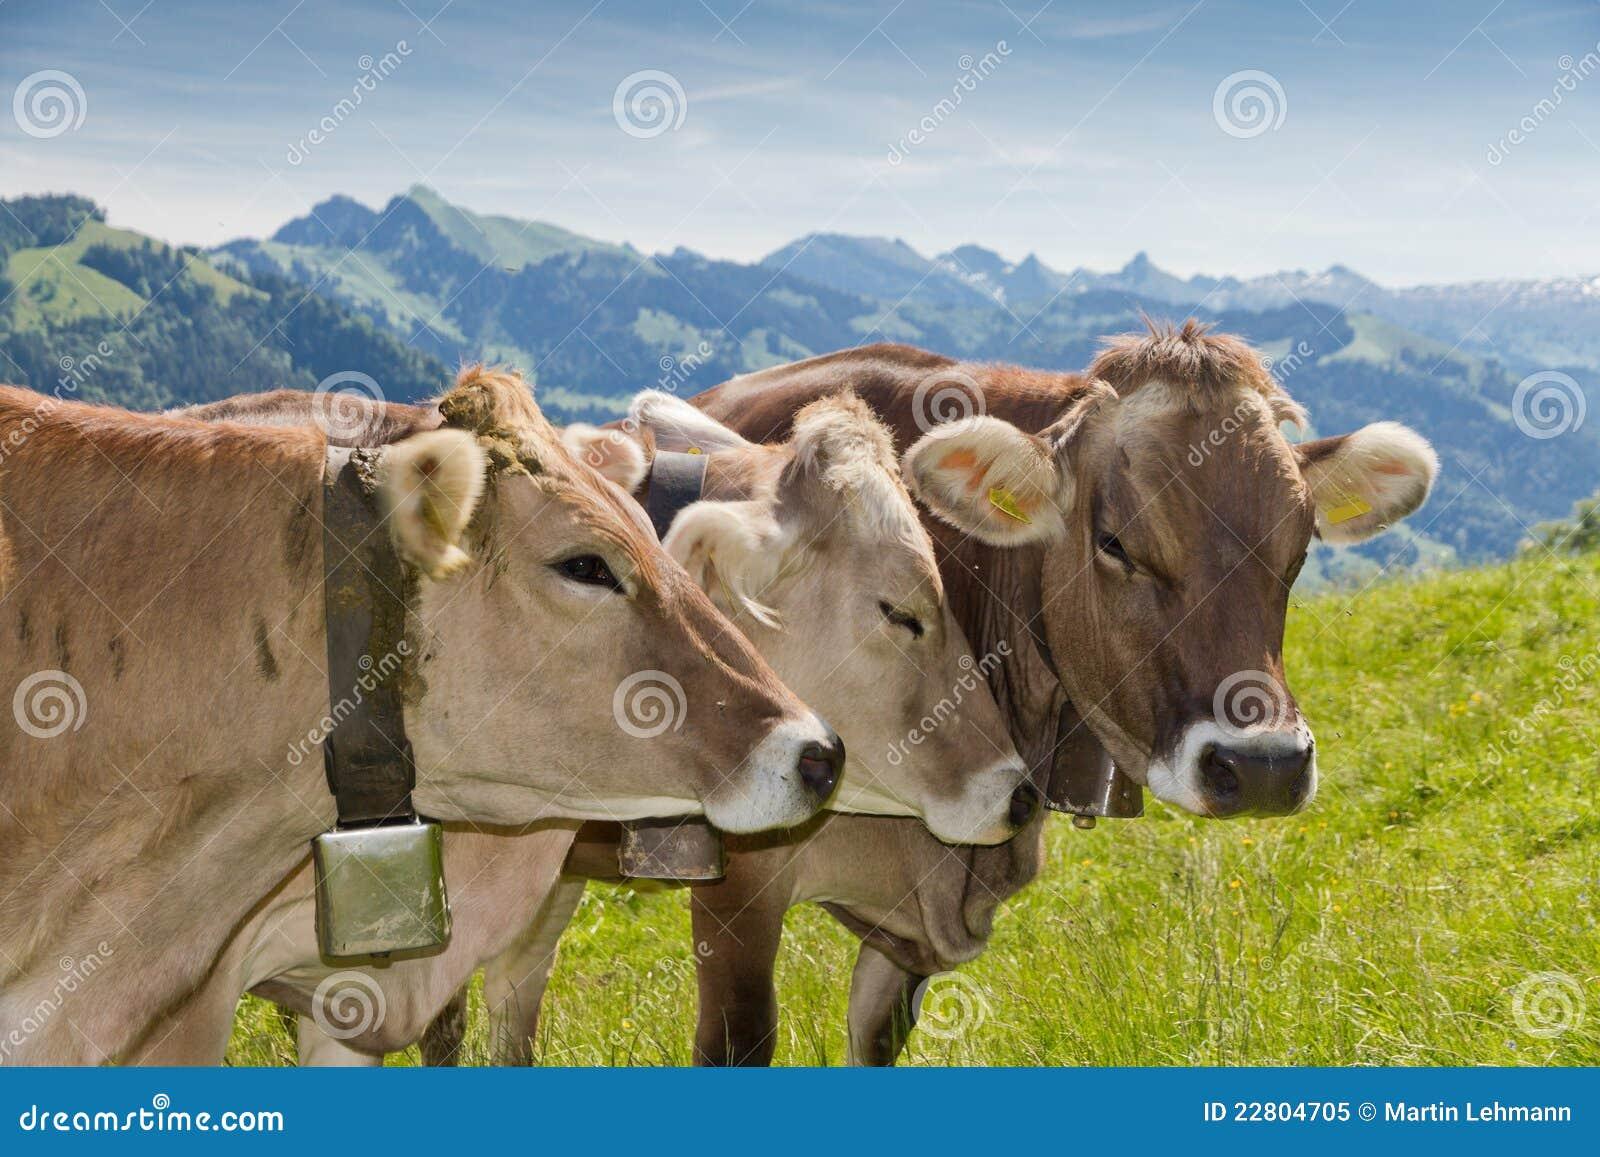 Fotos de vacas brown swiss 60